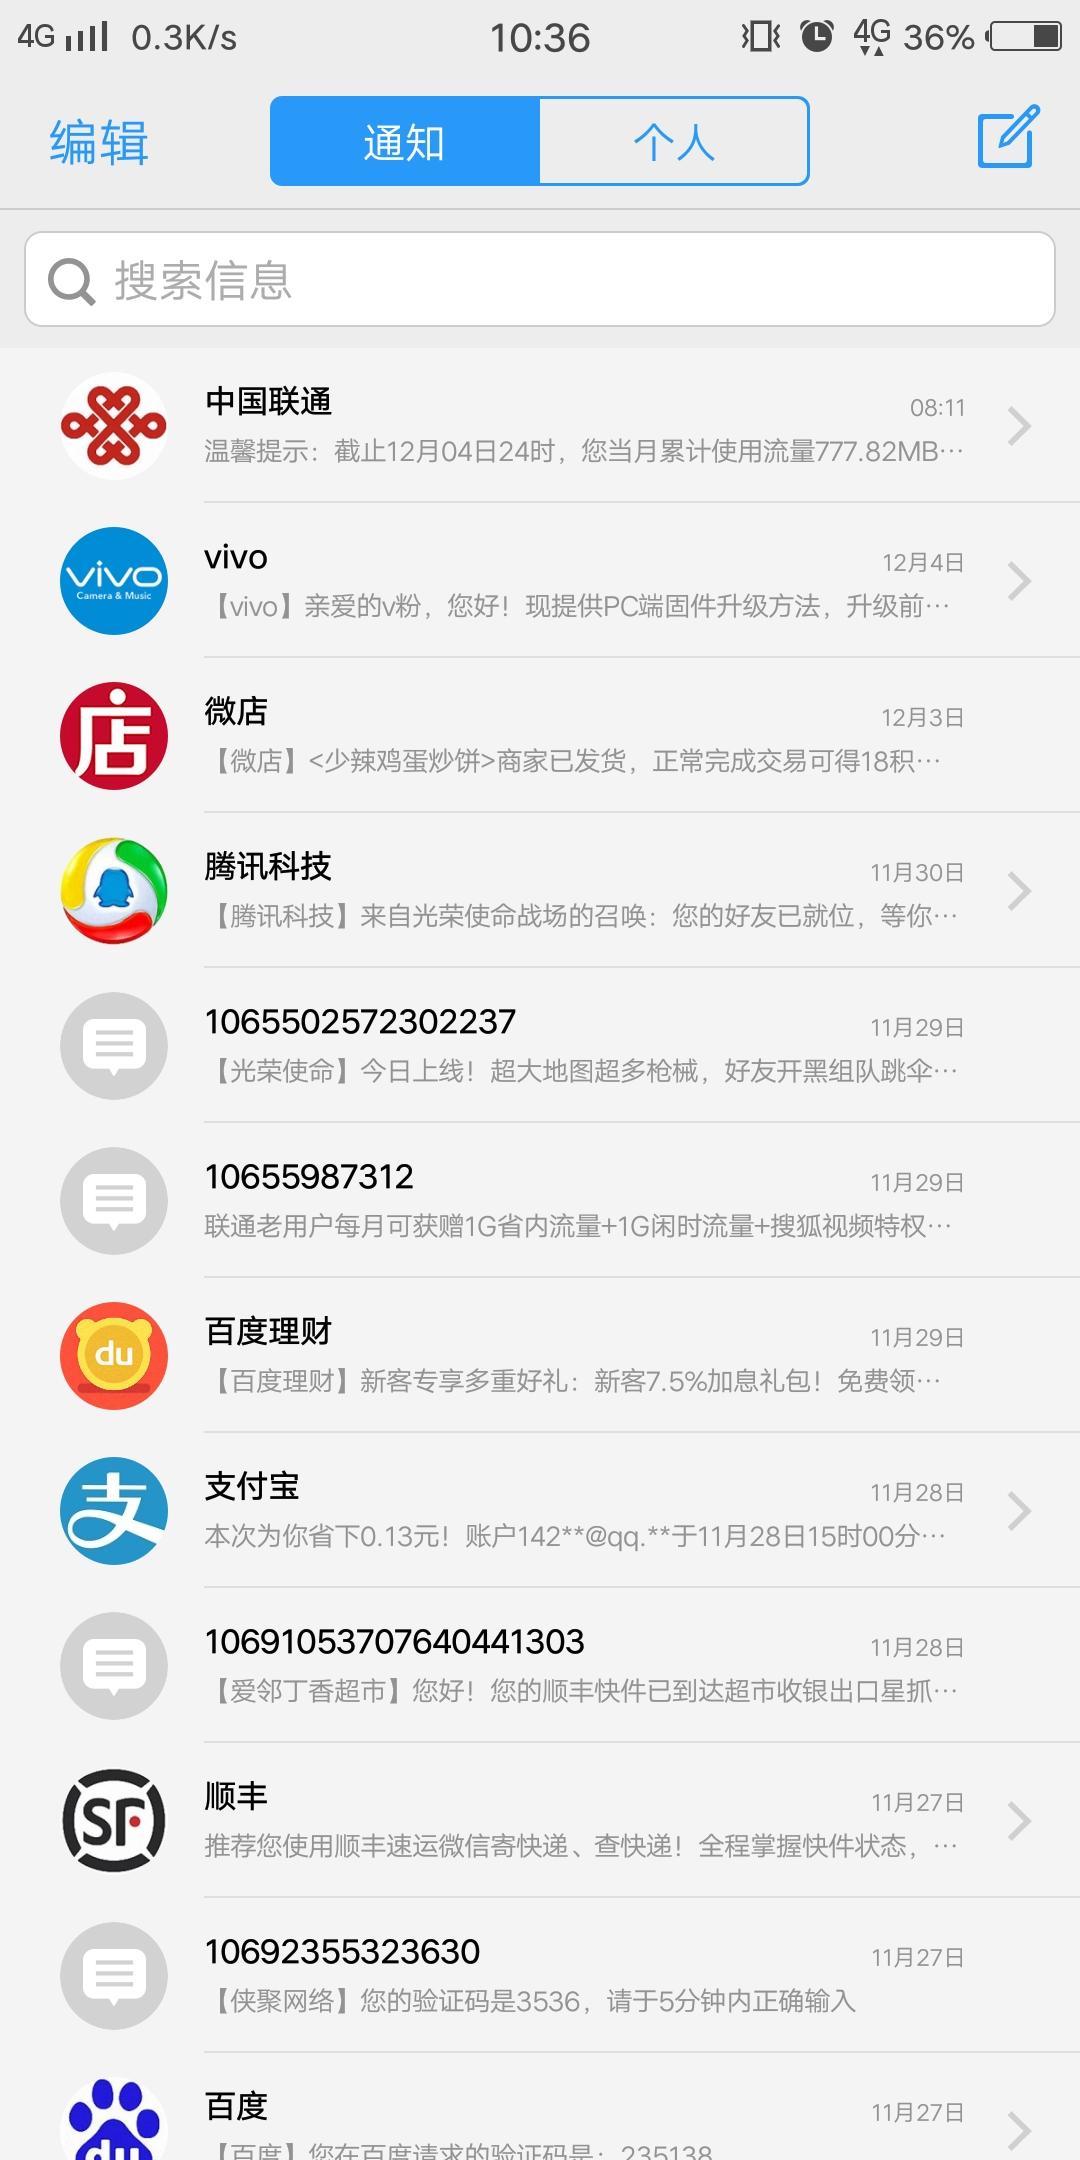 Screenshot_20171205_103629.jpg